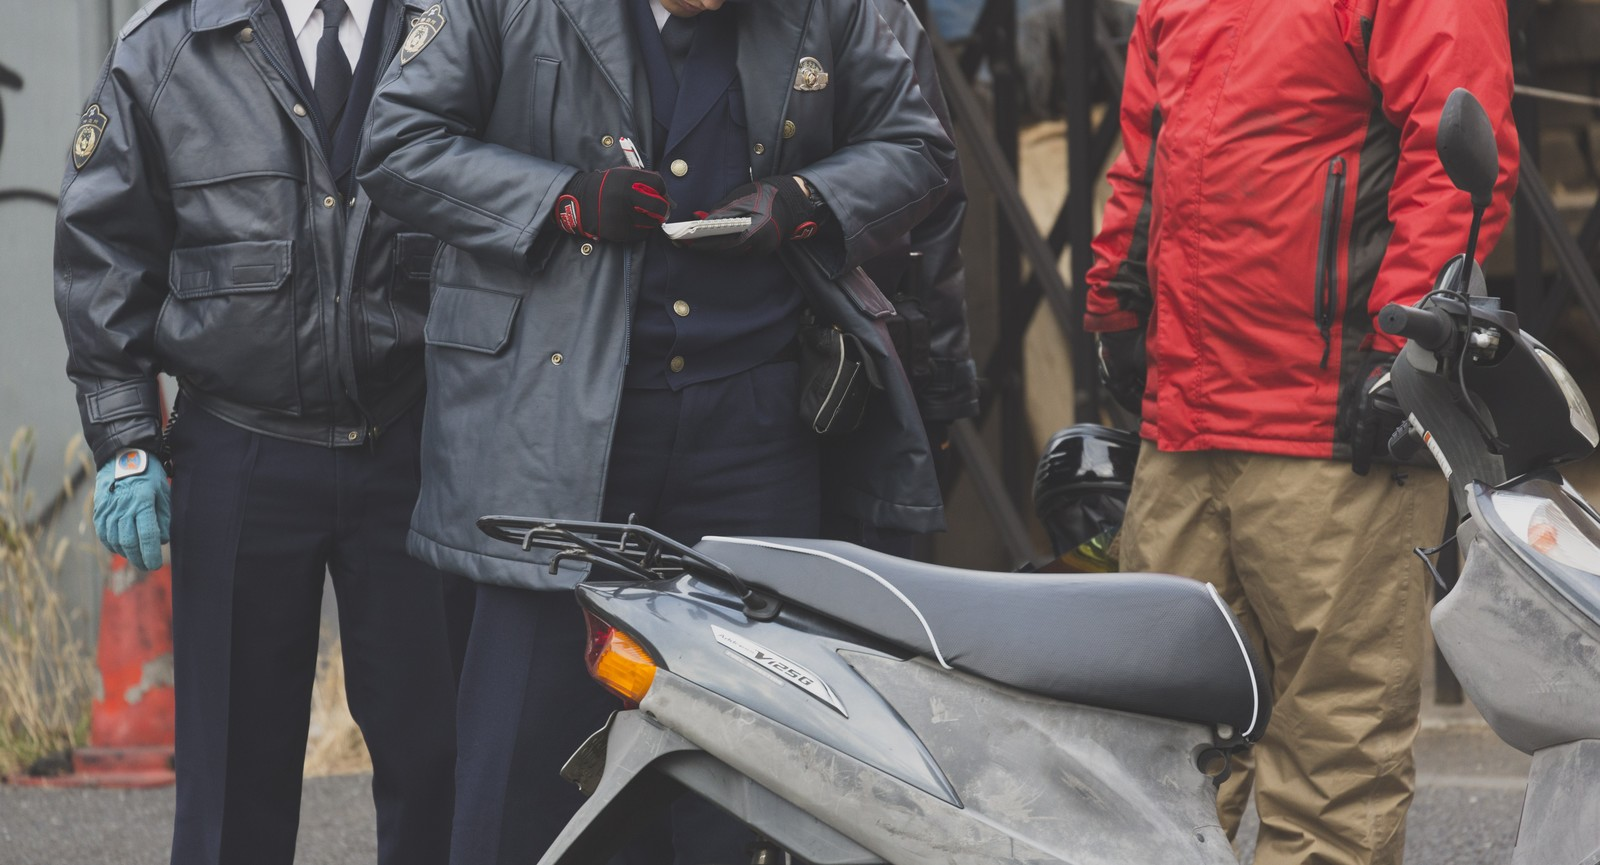 「警察から不審車両(バイク)で質問を受ける」の写真